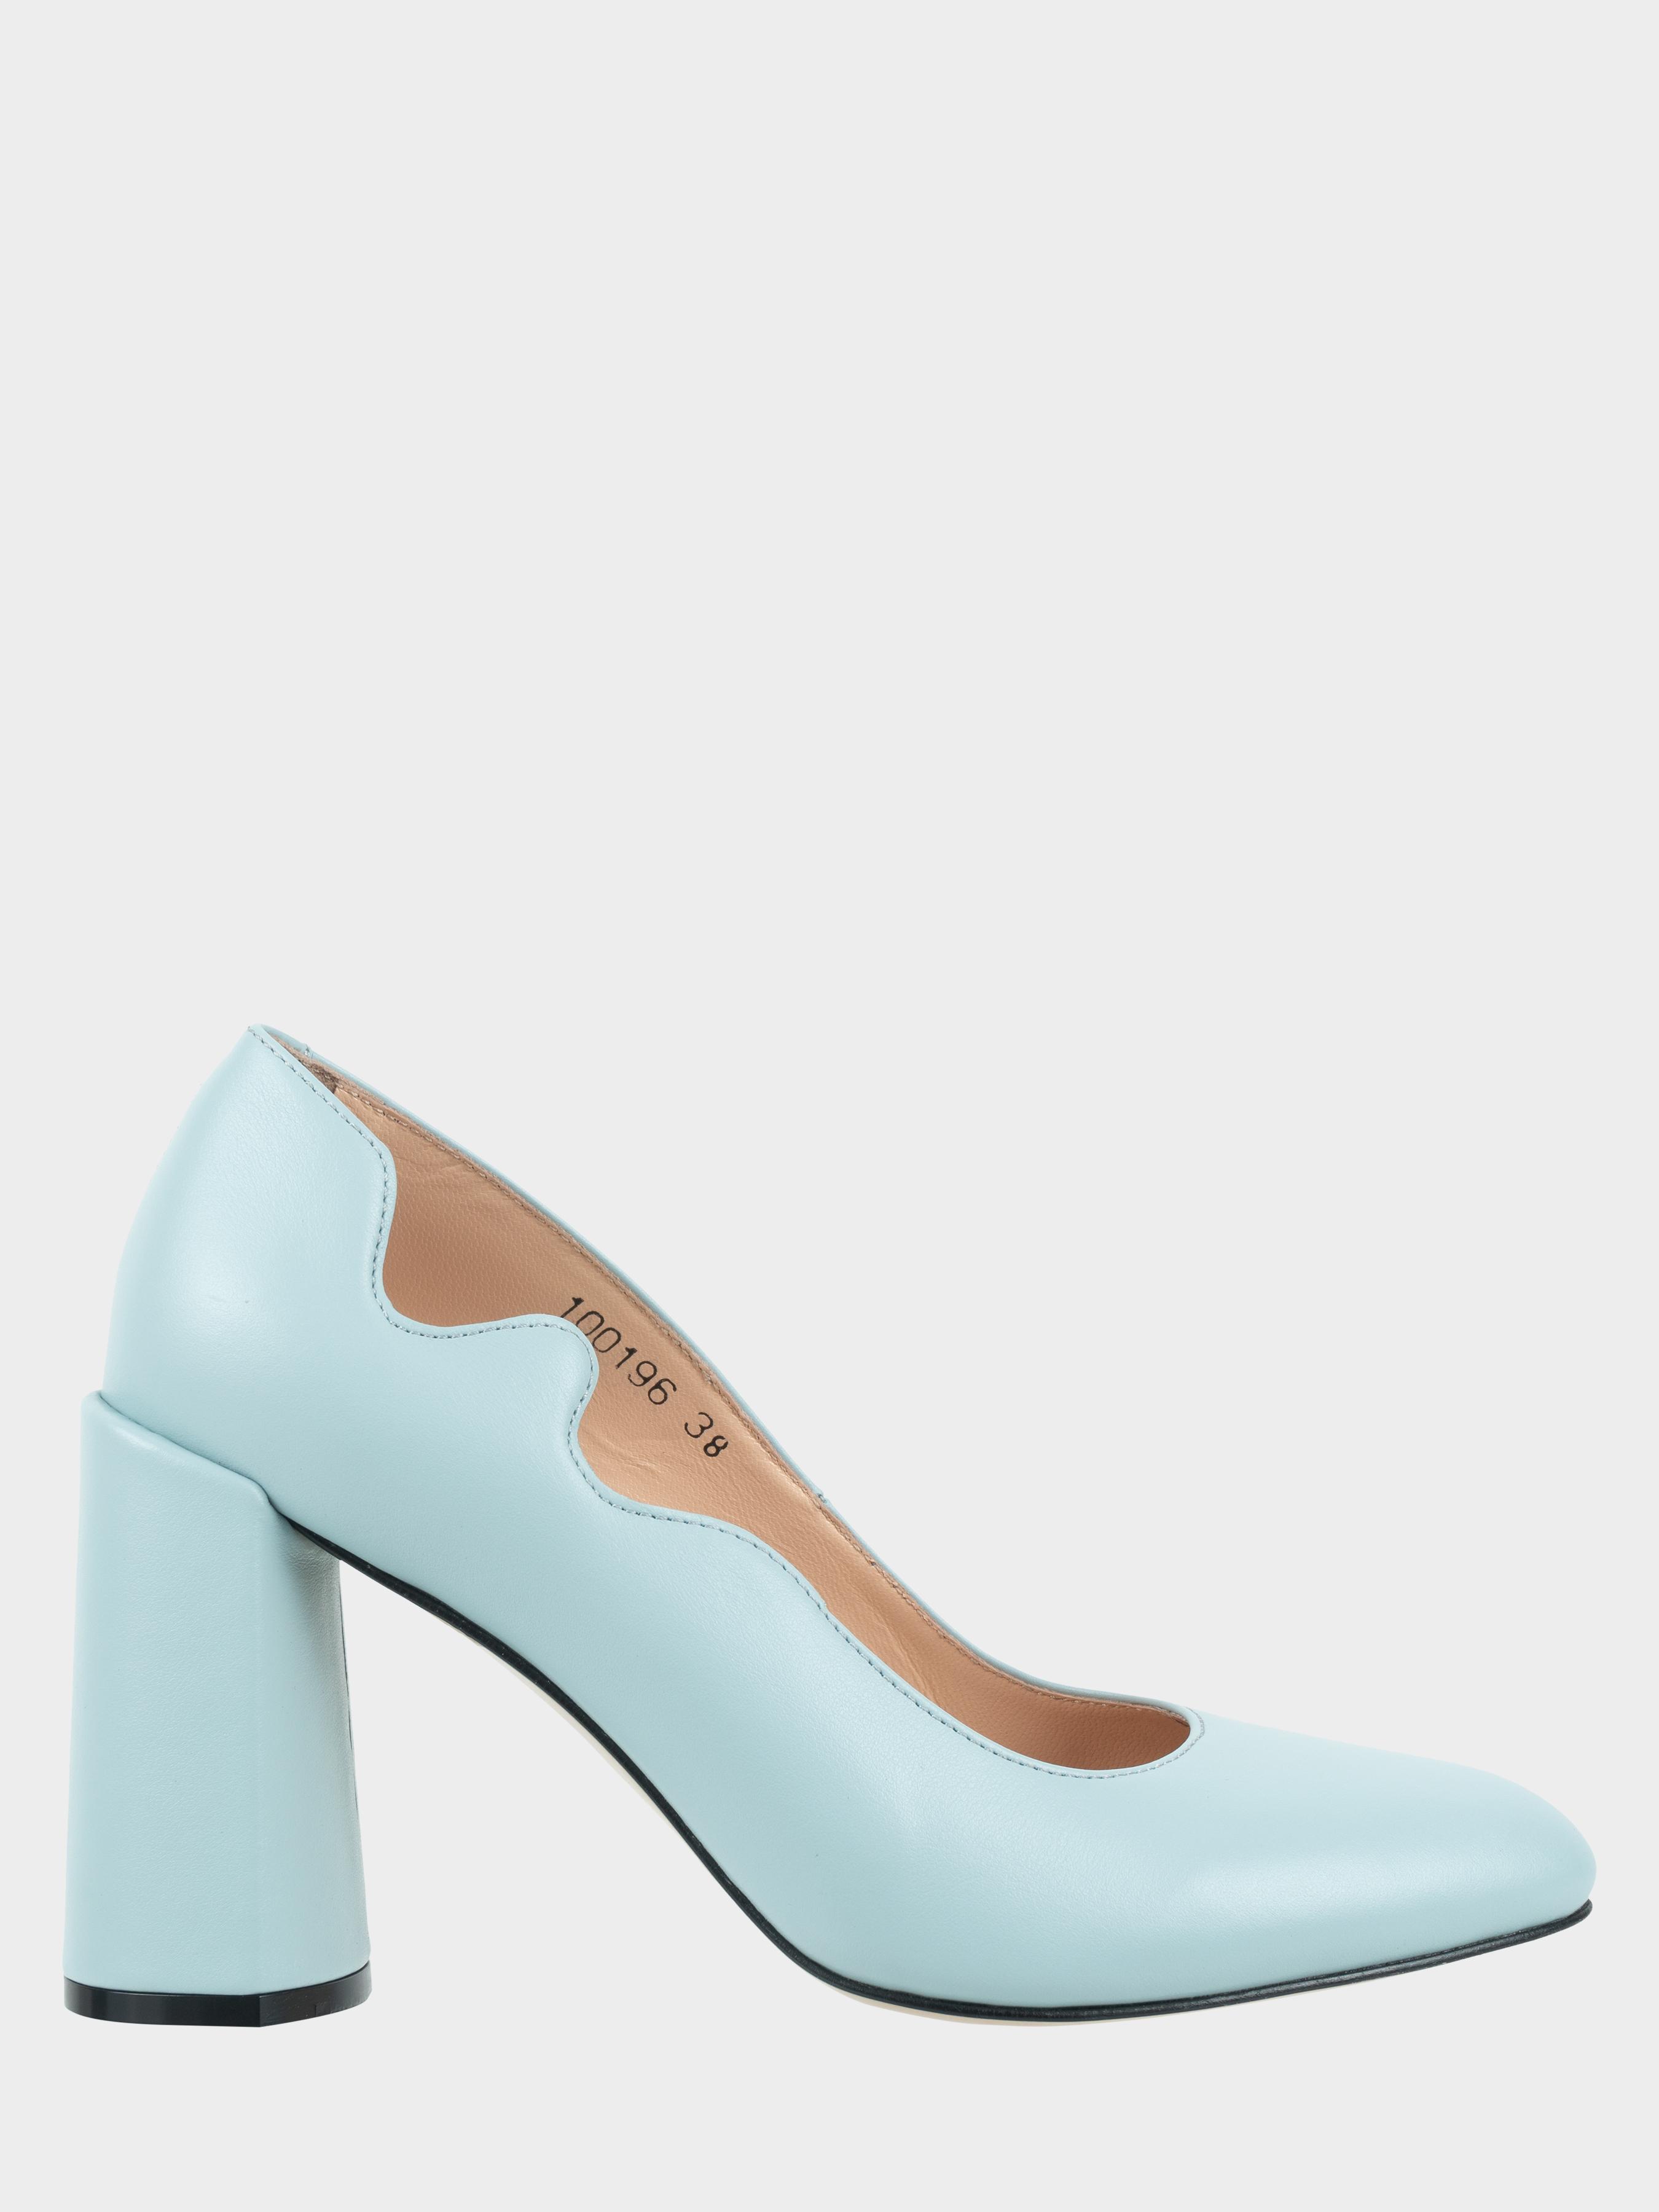 Туфлі жіночі Лодочки Волна кожа голубая толстый каблук 100196